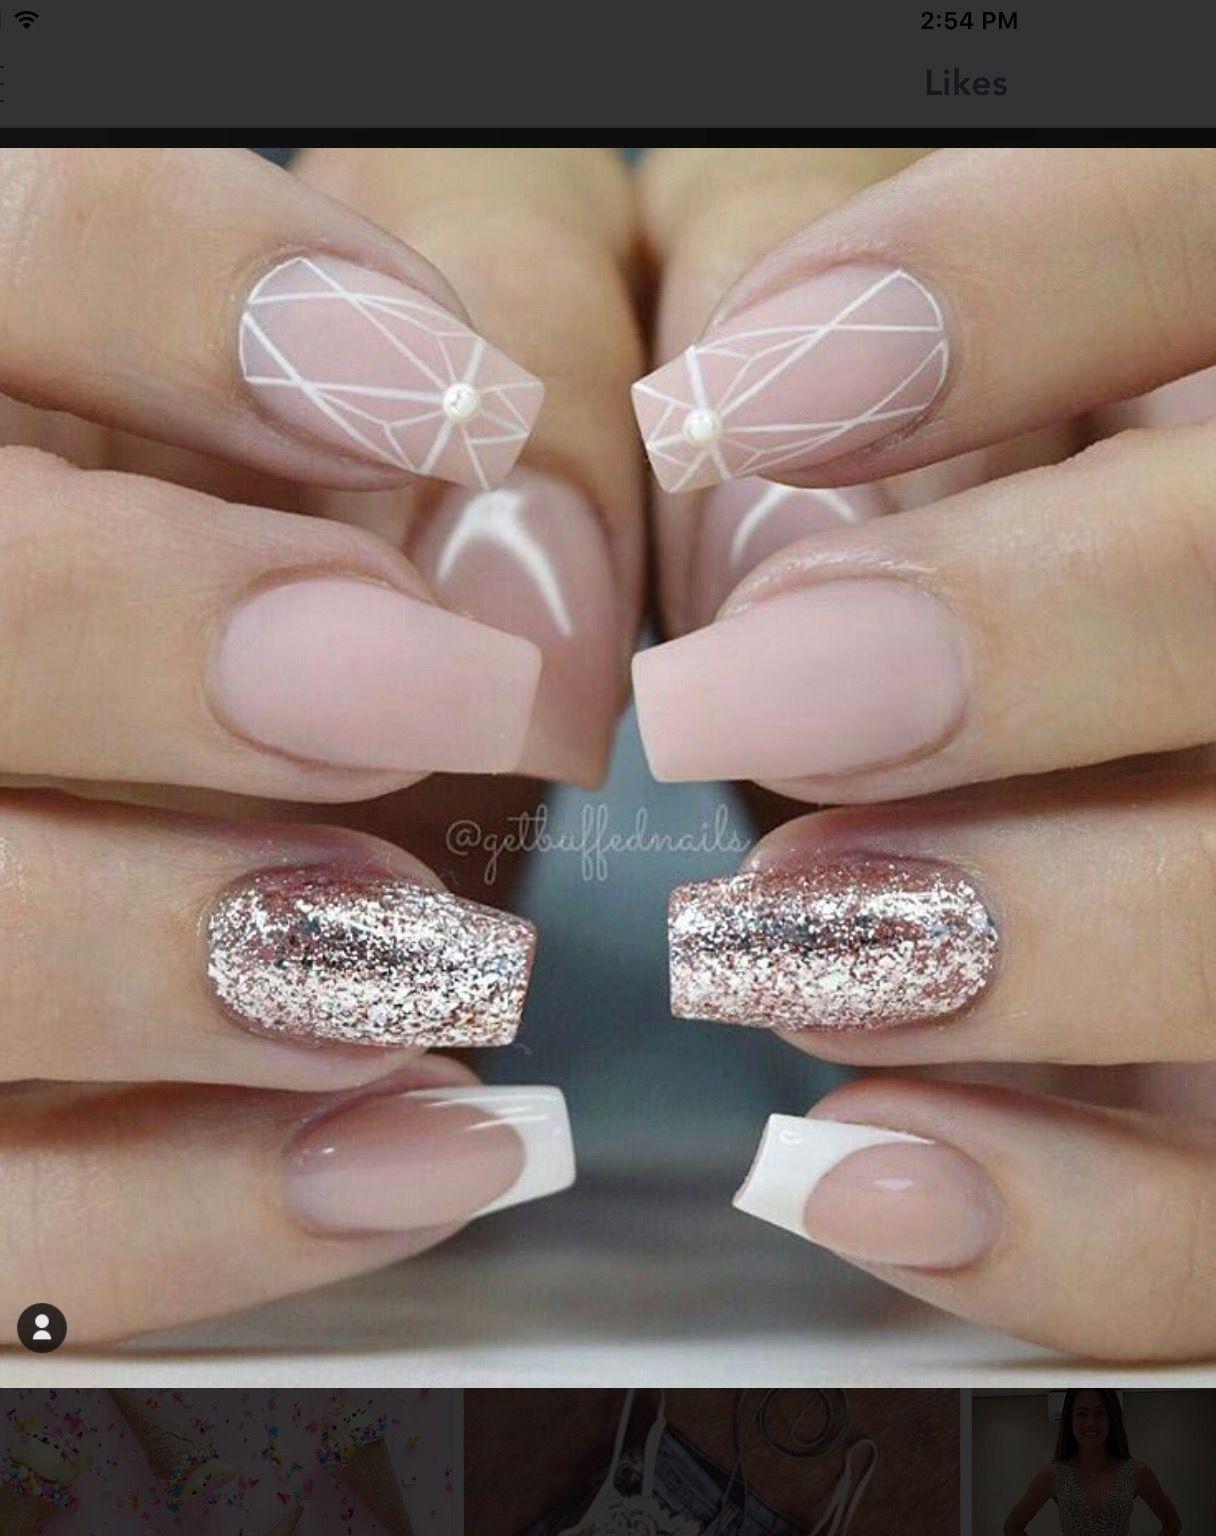 Pin von Ashley Carpenter auf Nails/Makeup | Pinterest | Nagelschere ...